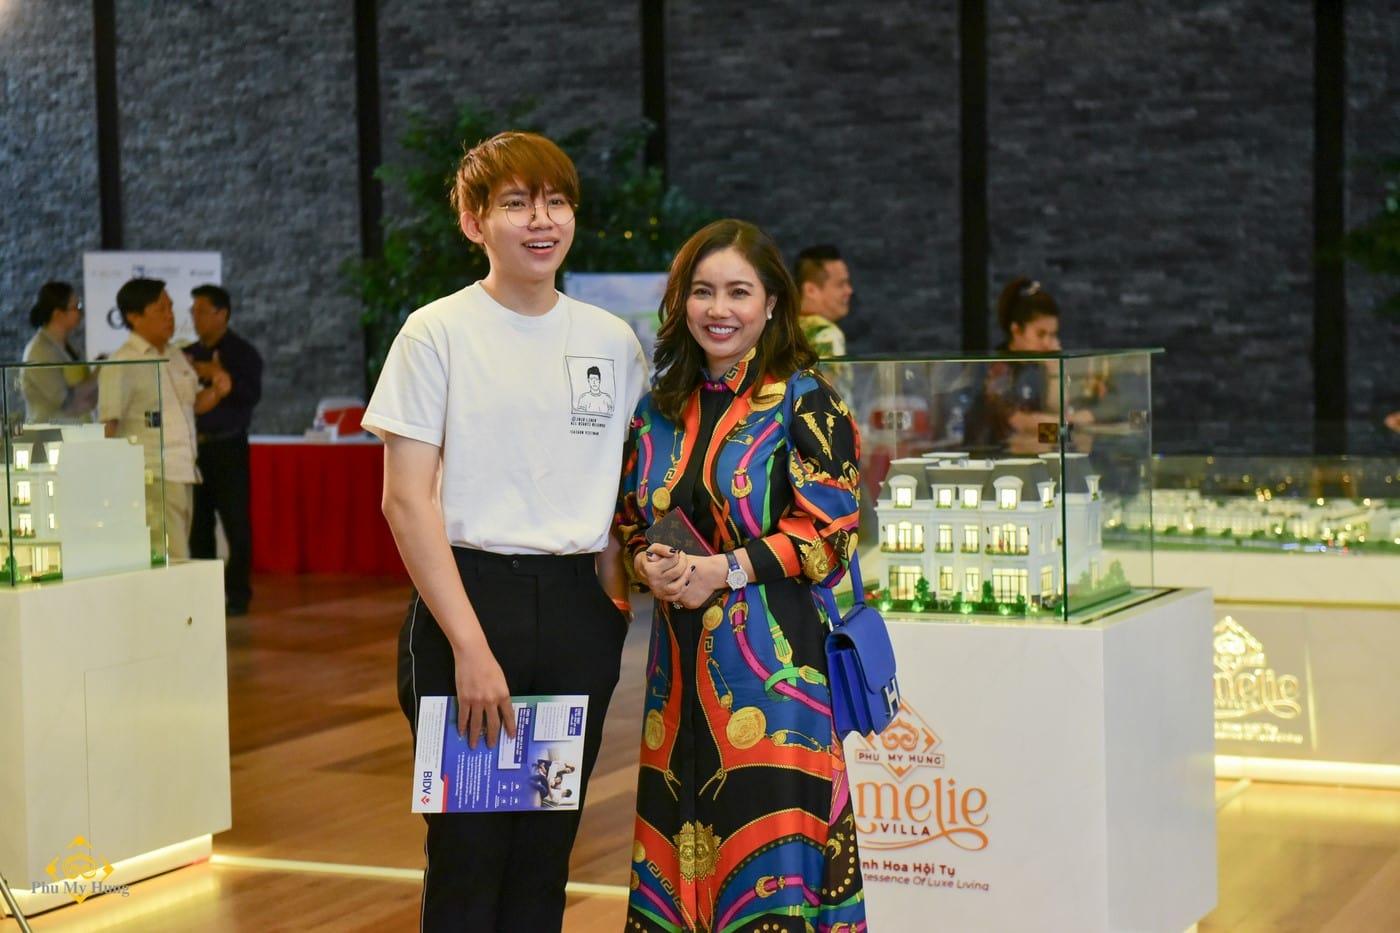 Mẹ con anh Phạm Thanh Trung trở thành khách hàng may mắn lựa chọn được căn nhà ưng ý khi bốc thăm được số thứ tự chọn mua sớm nhất.